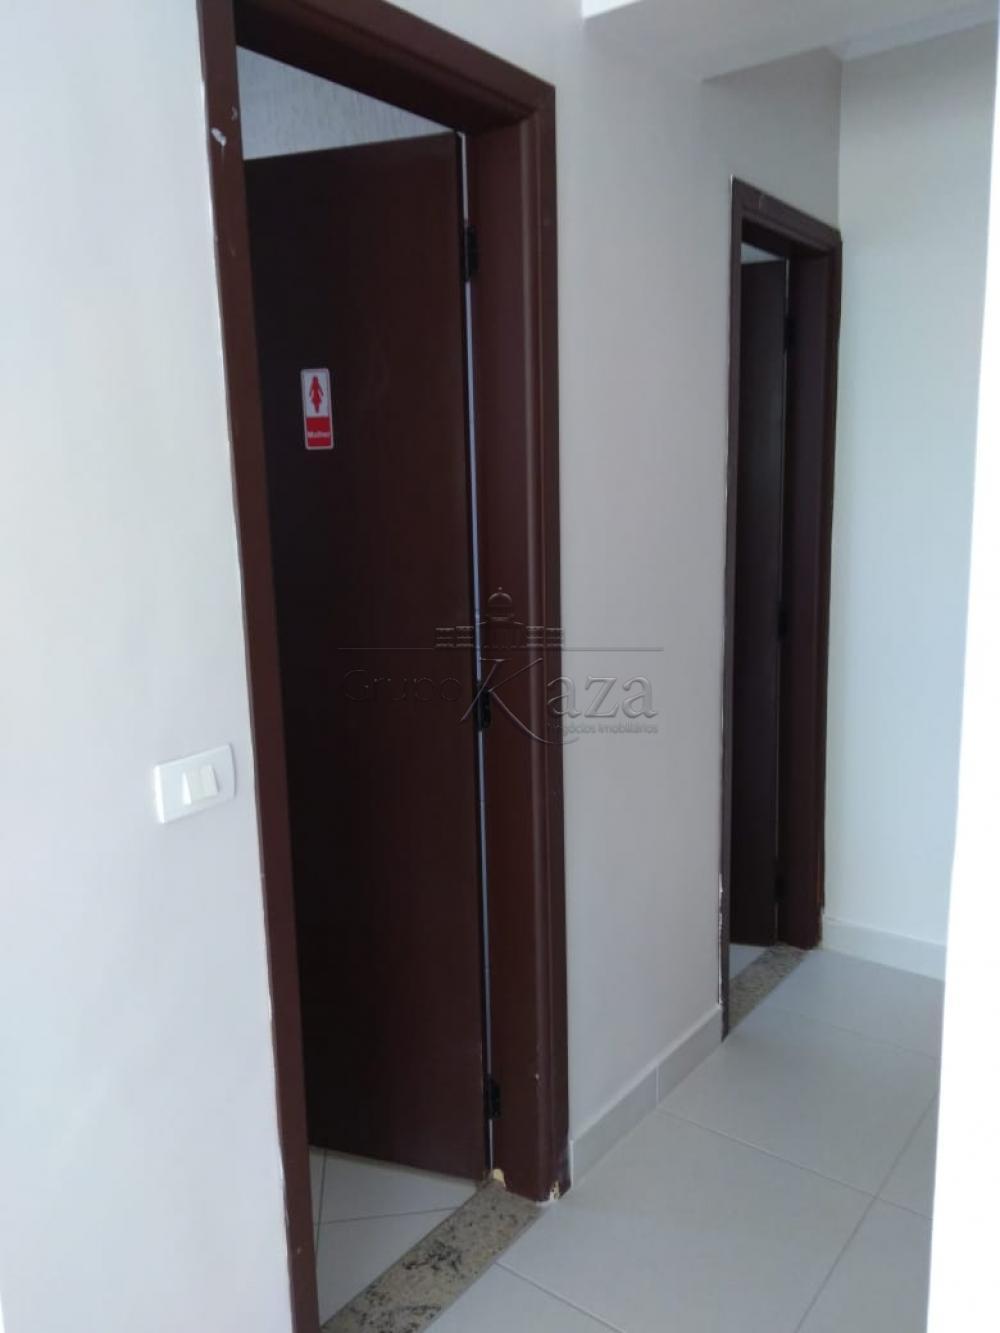 Comprar Apartamento / Padrão em São José dos Campos apenas R$ 310.000,00 - Foto 10